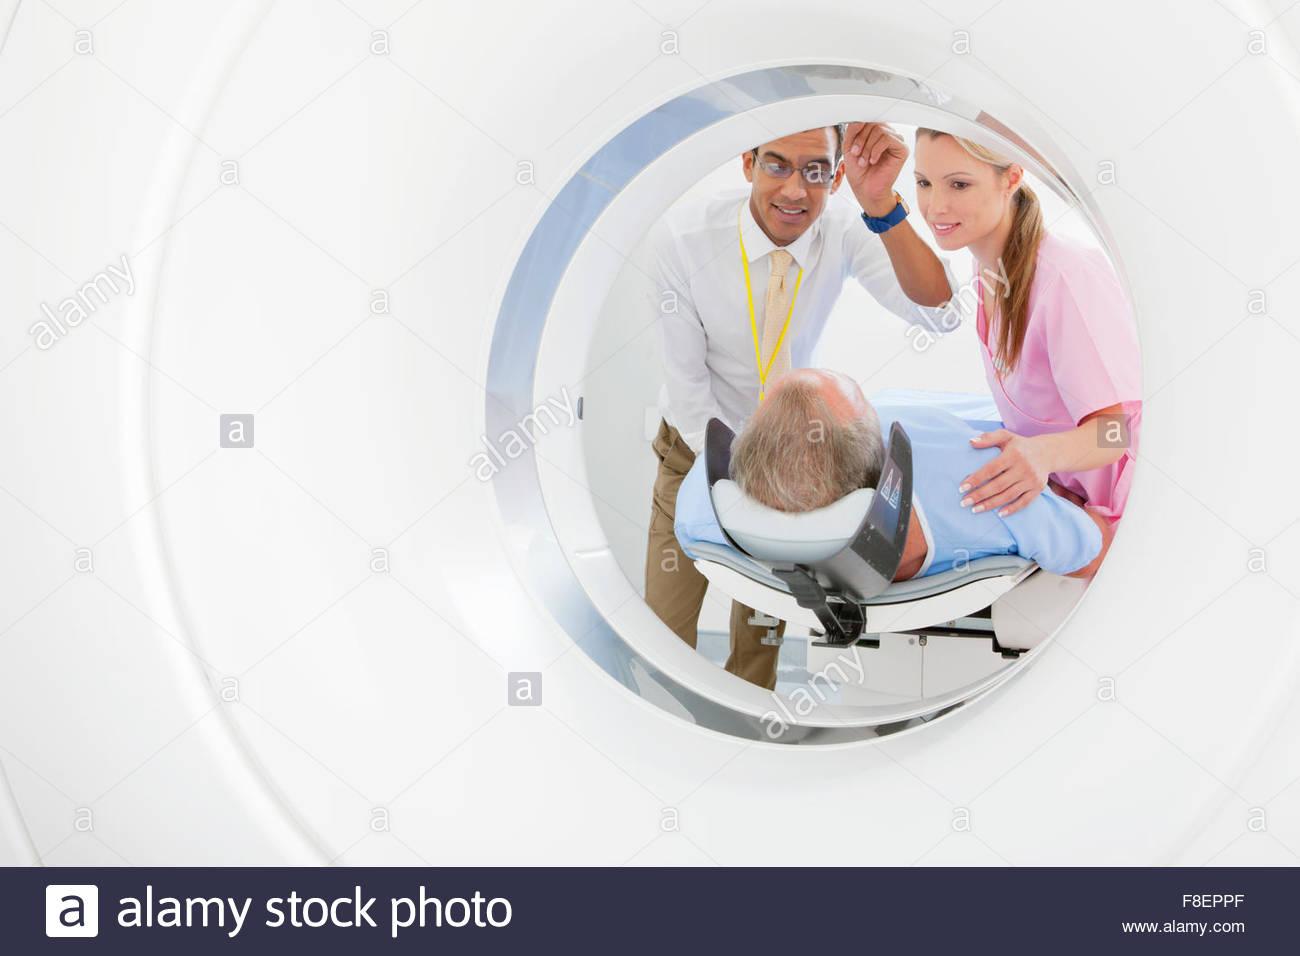 Arzt und Techniker Krankenschwester Vorbereitung Patienten bei CT-Scanner Tube im Krankenhaus Stockbild